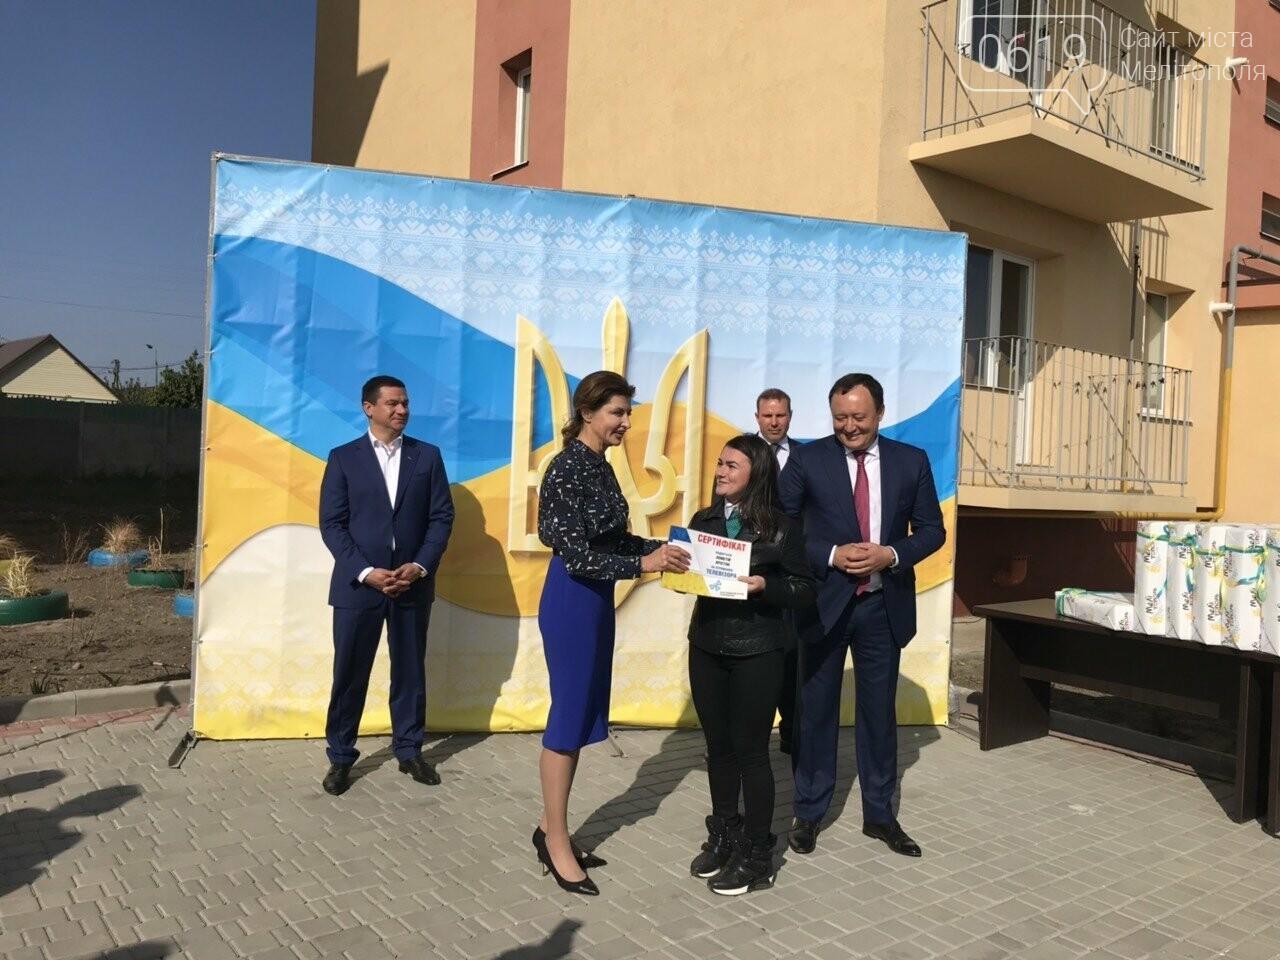 Супруга Президента вручила мелитопольским сиротам ключи от квартир , фото-9, Фото сайта 0619